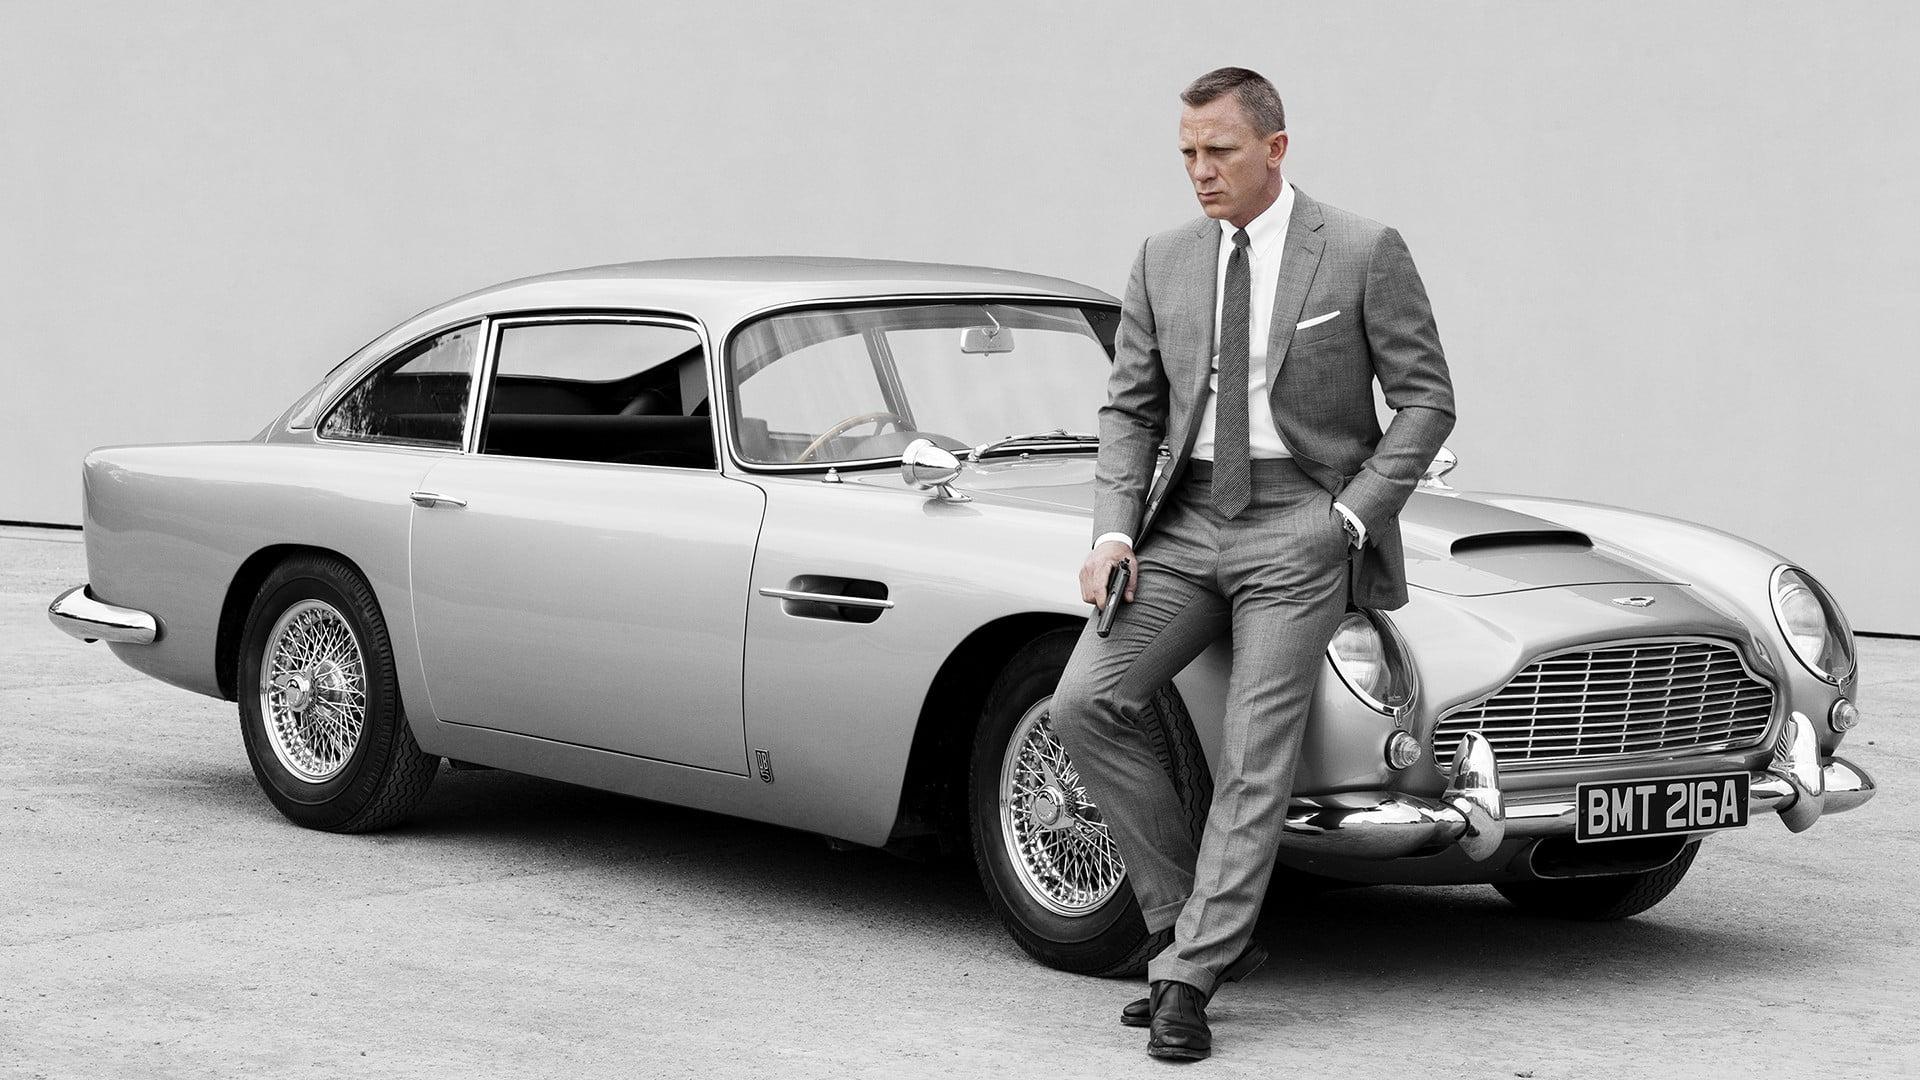 James Bond et ses supercars : une relation iconique